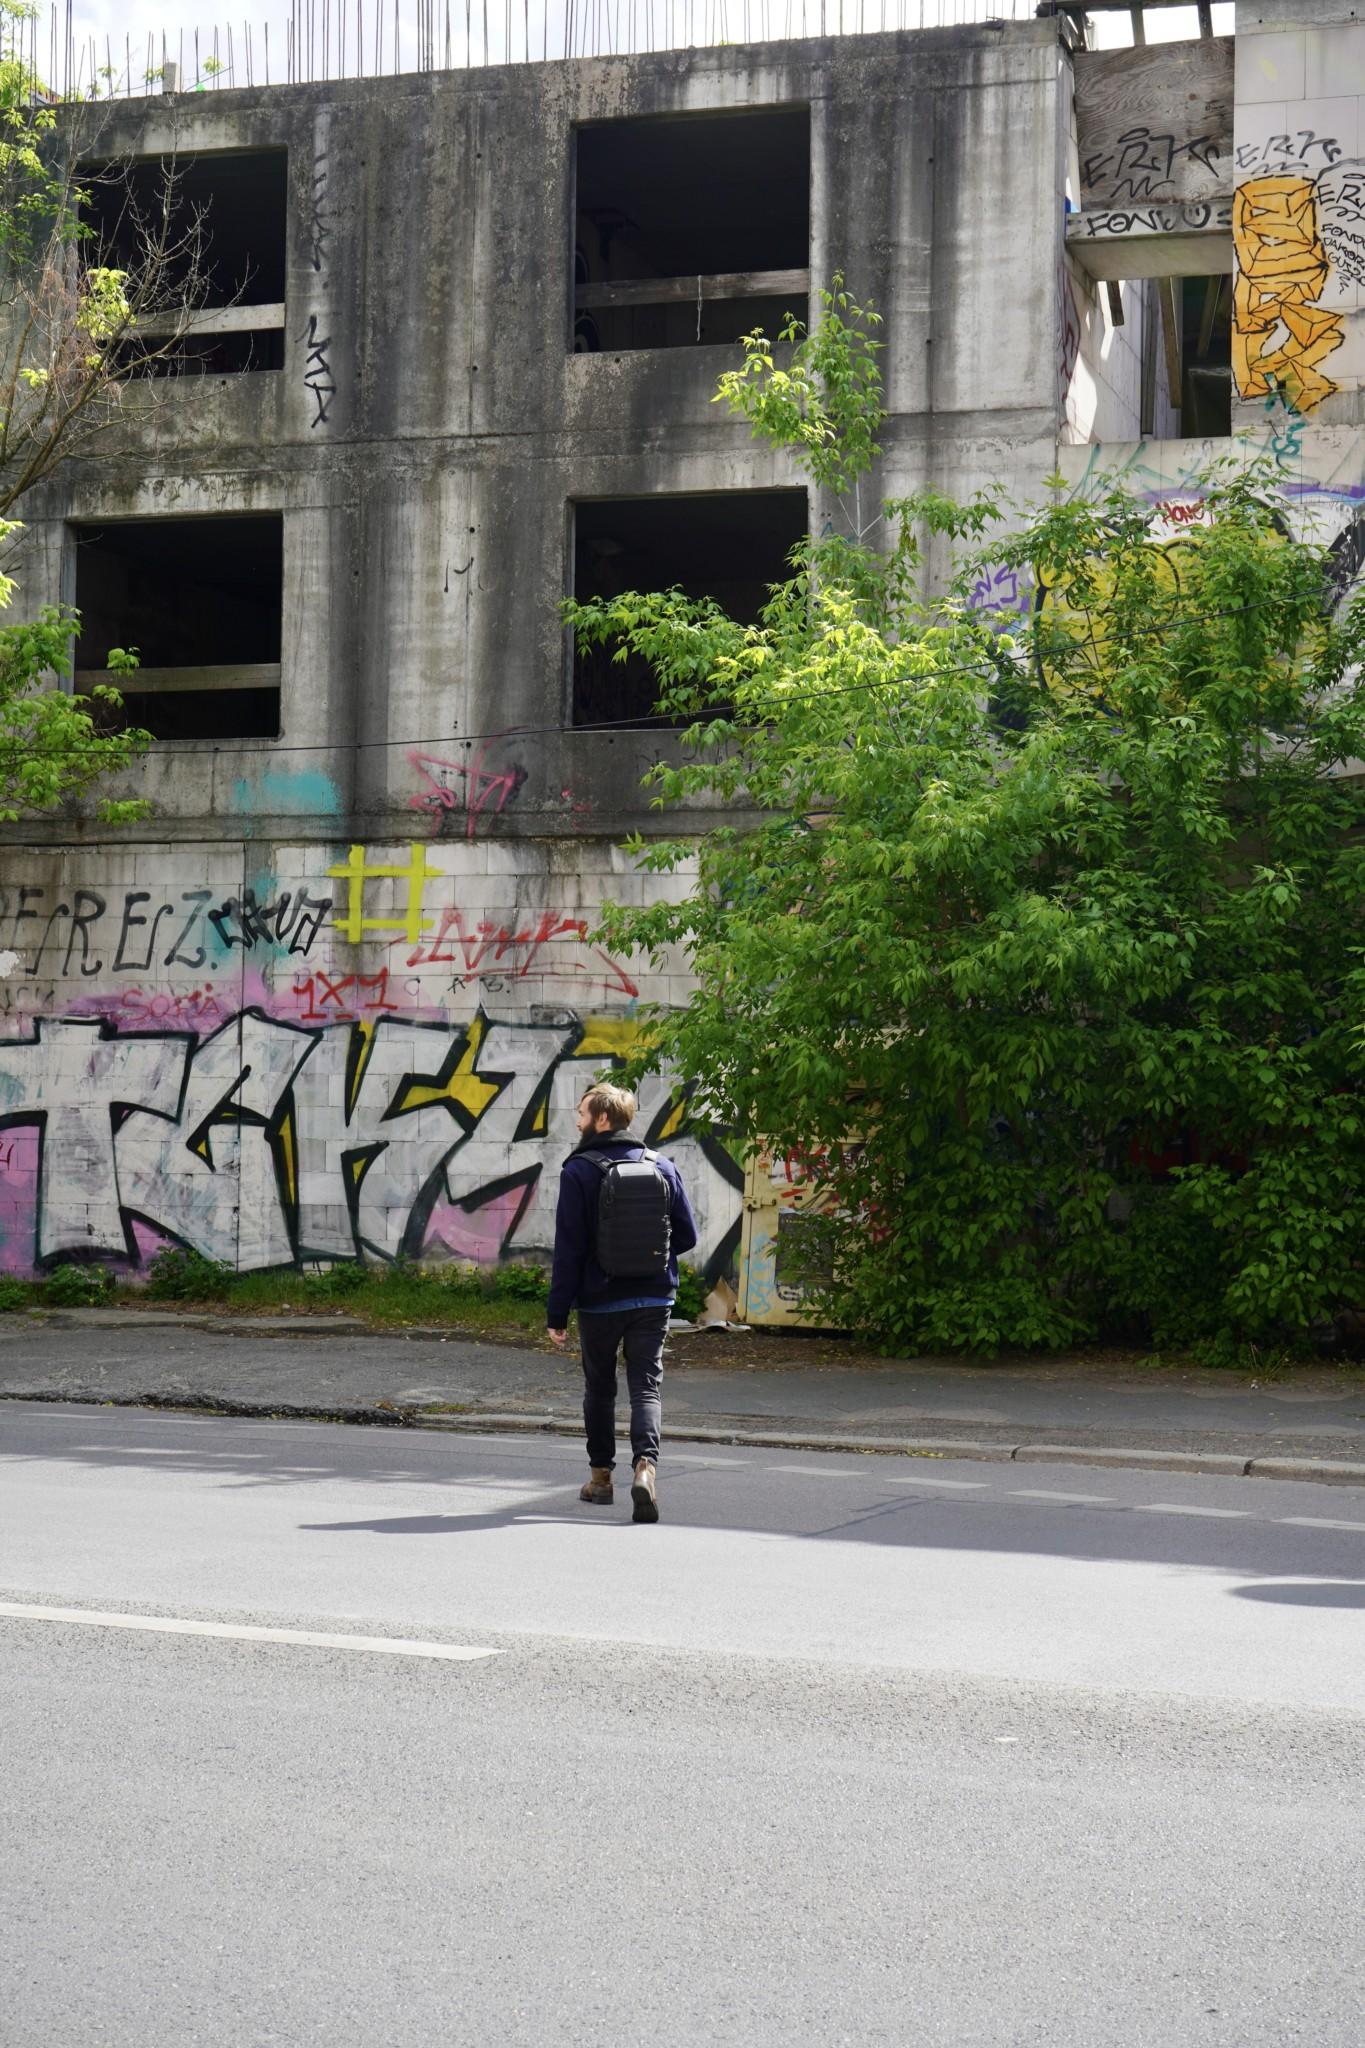 Streetart in Friedrichshain